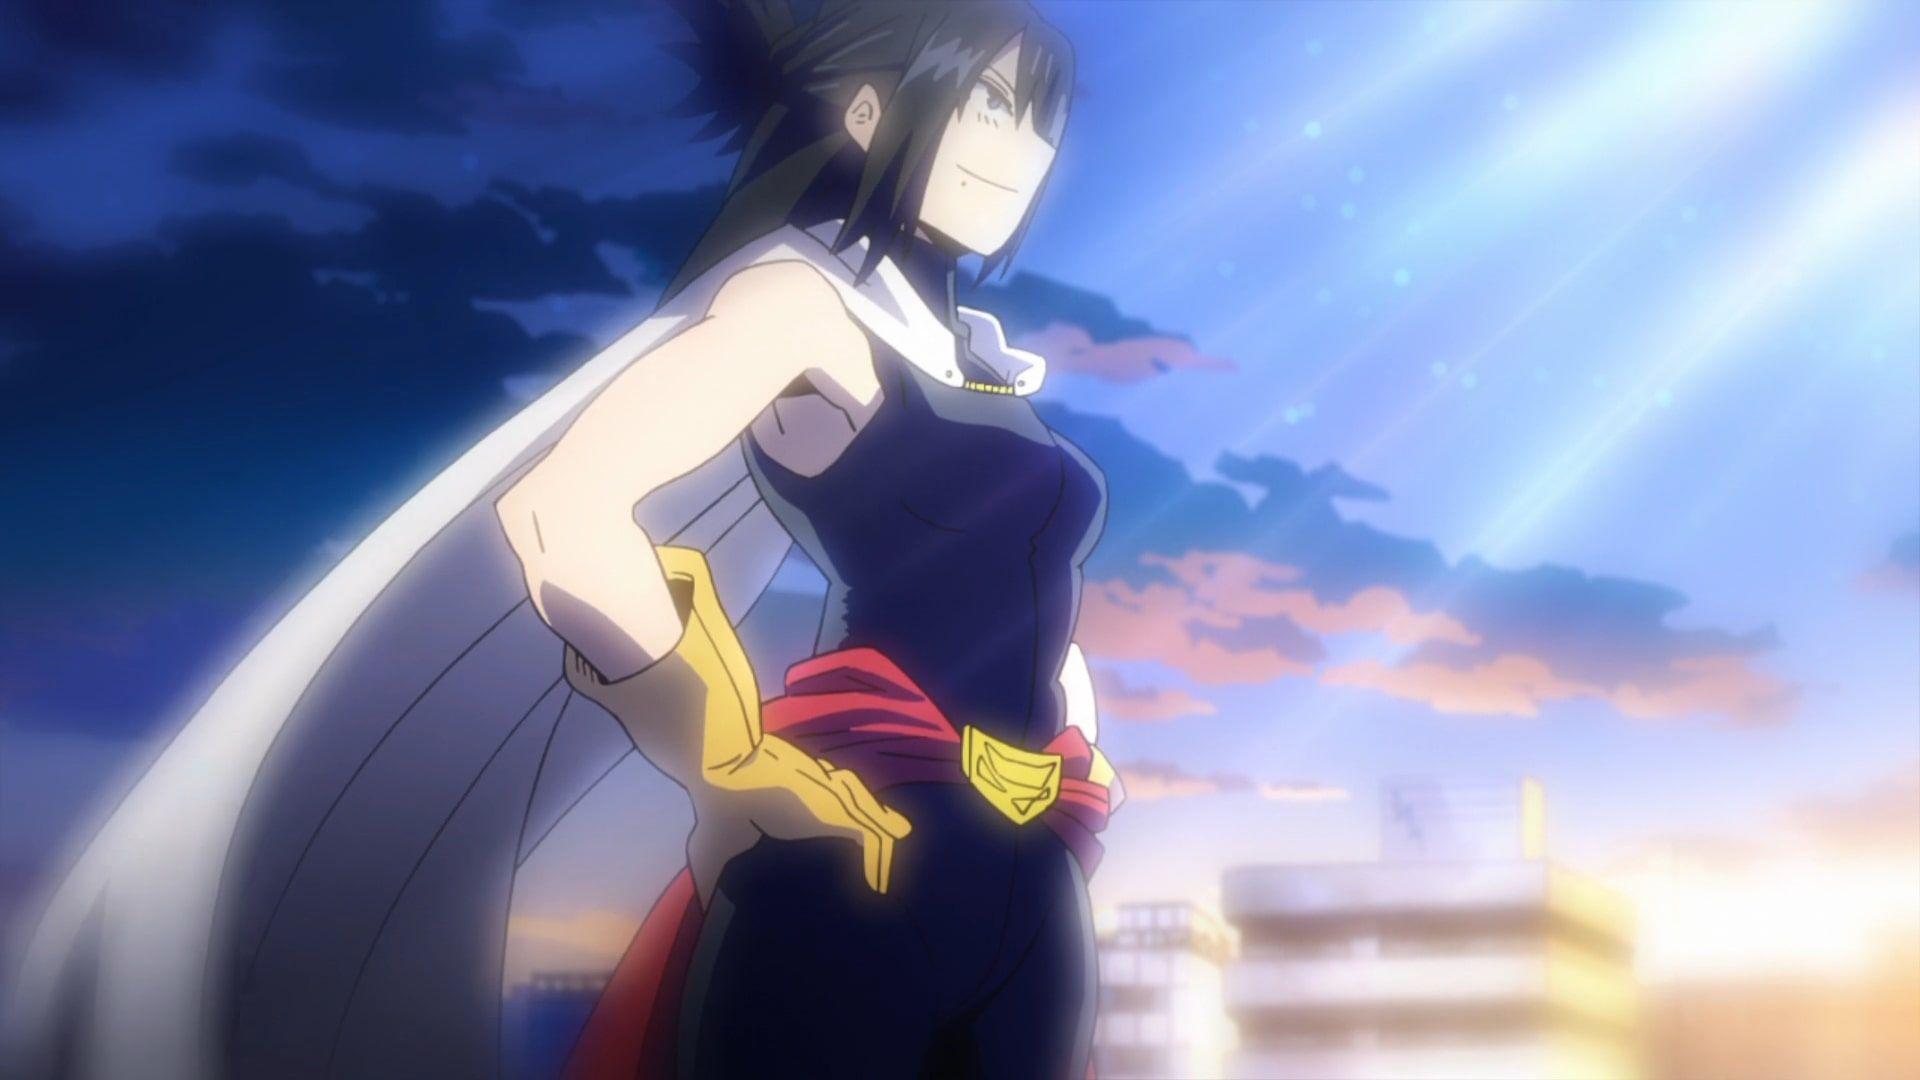 MHA Pro Hero Nana Shimura